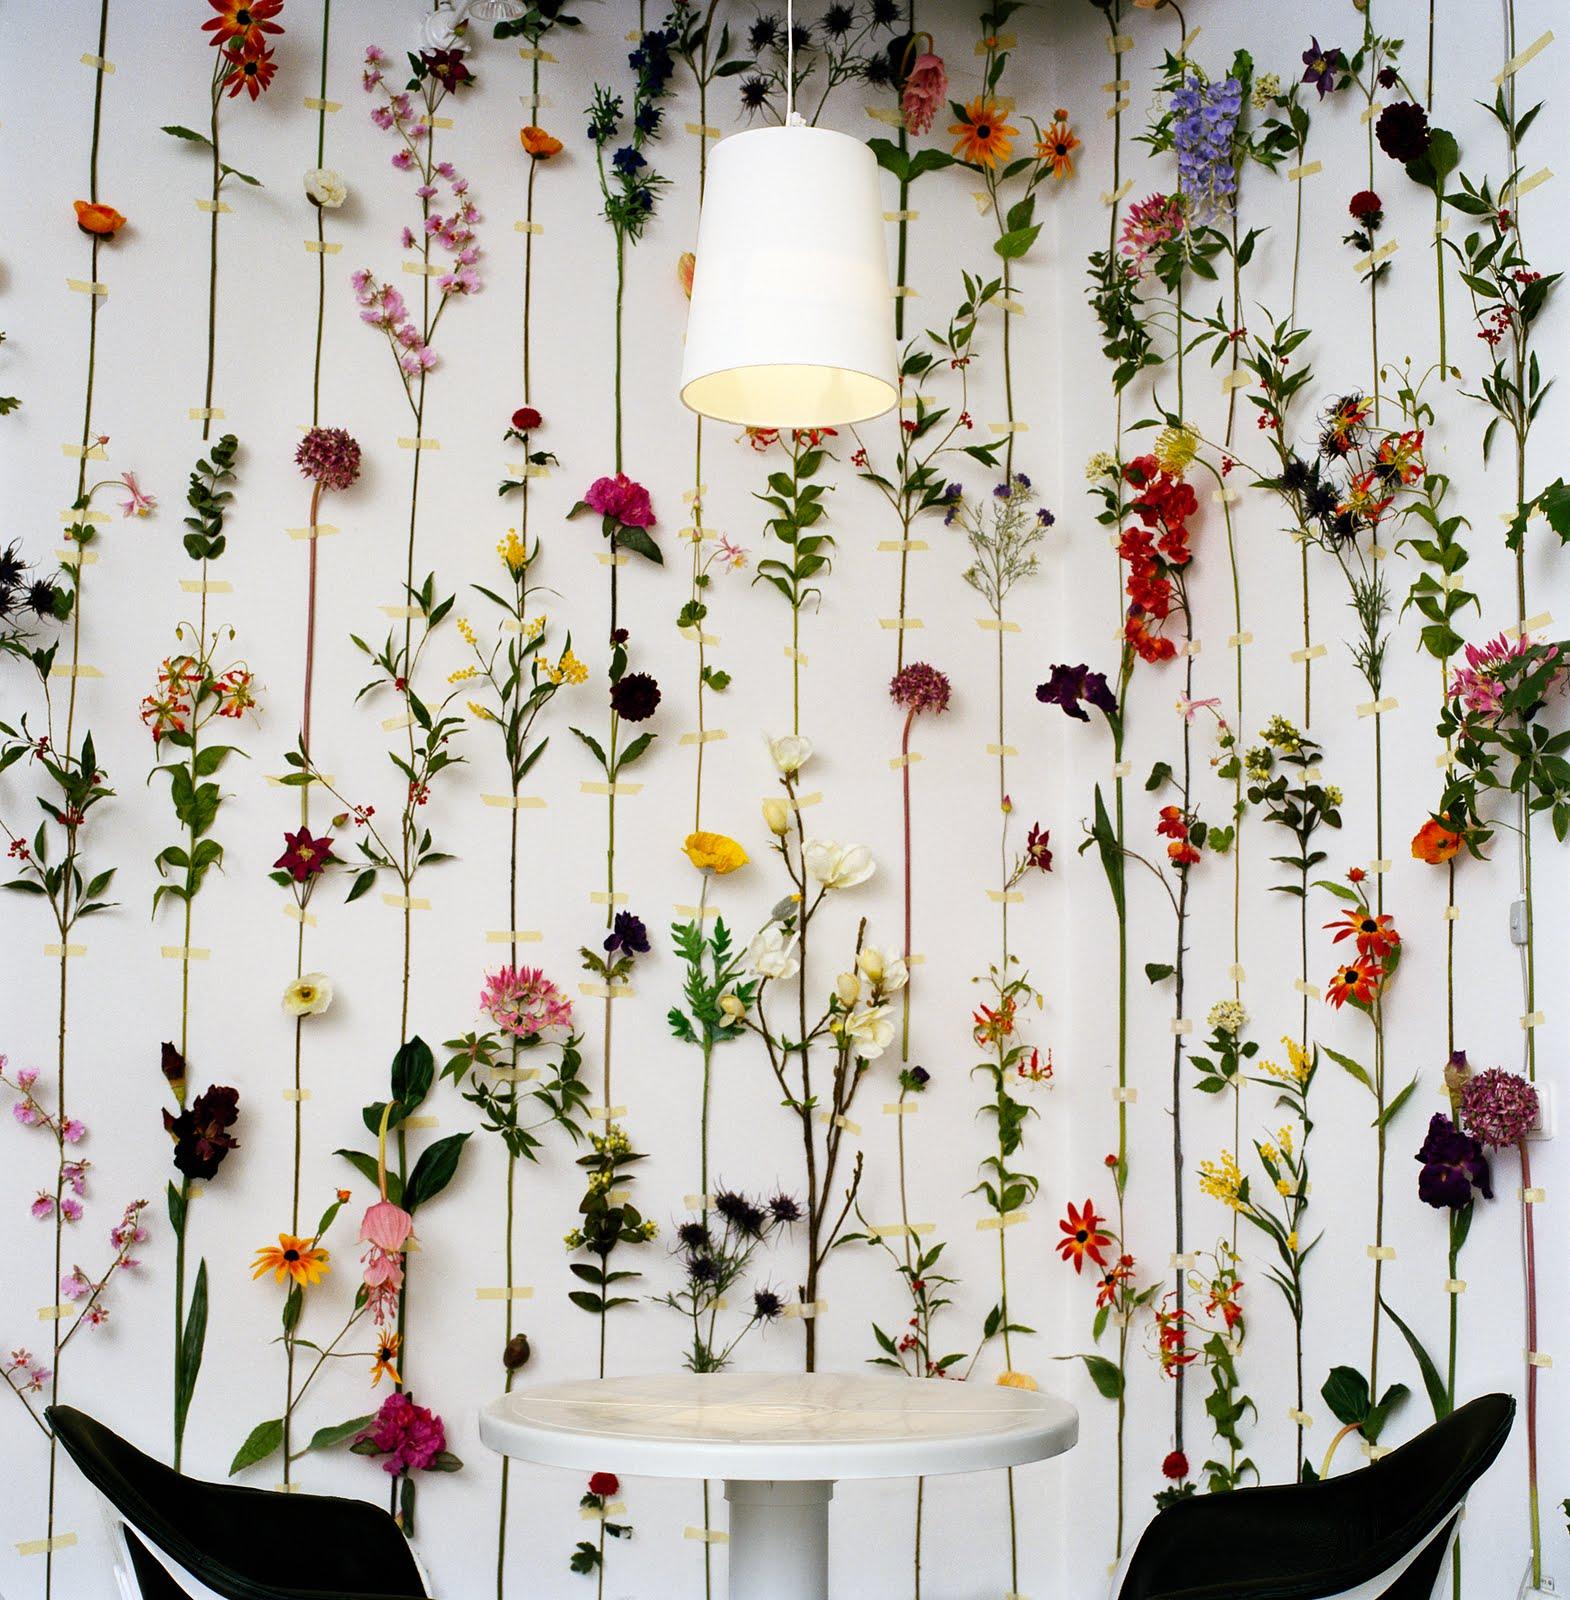 http://1.bp.blogspot.com/_iP1tb-1ZSpE/TCzg3p3ALnI/AAAAAAAABc8/V49uBrAjbAc/s1600/tensta_flower_wallpaper.jpg